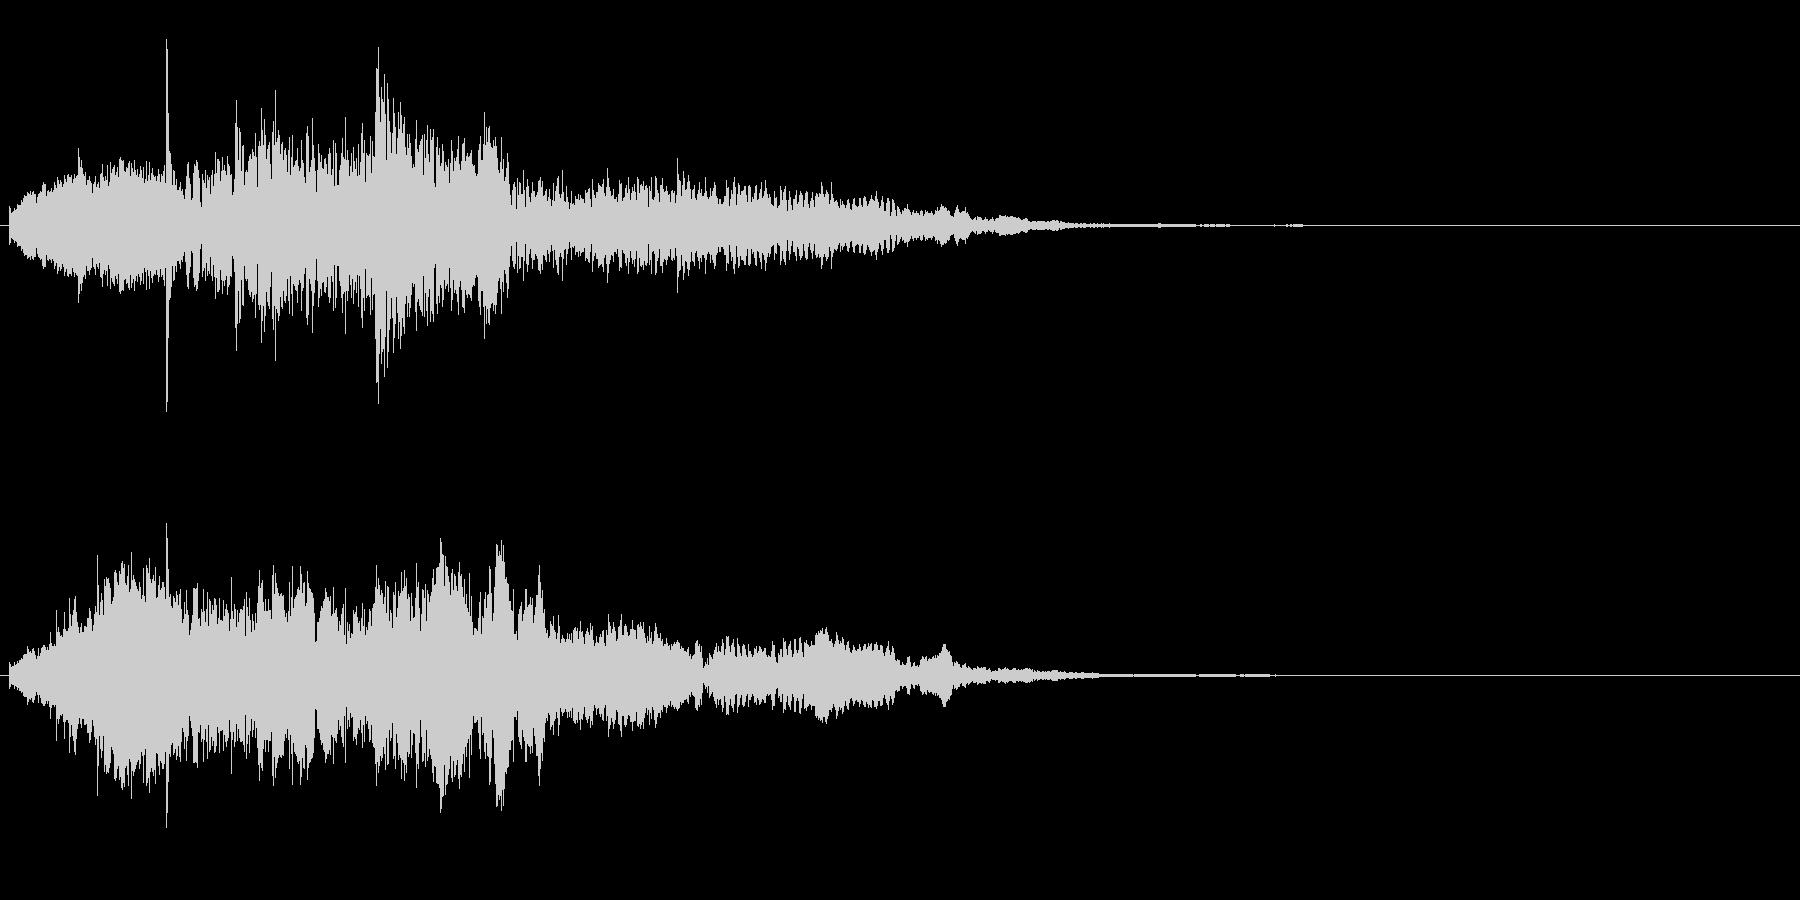 アイキャッチ 22の未再生の波形